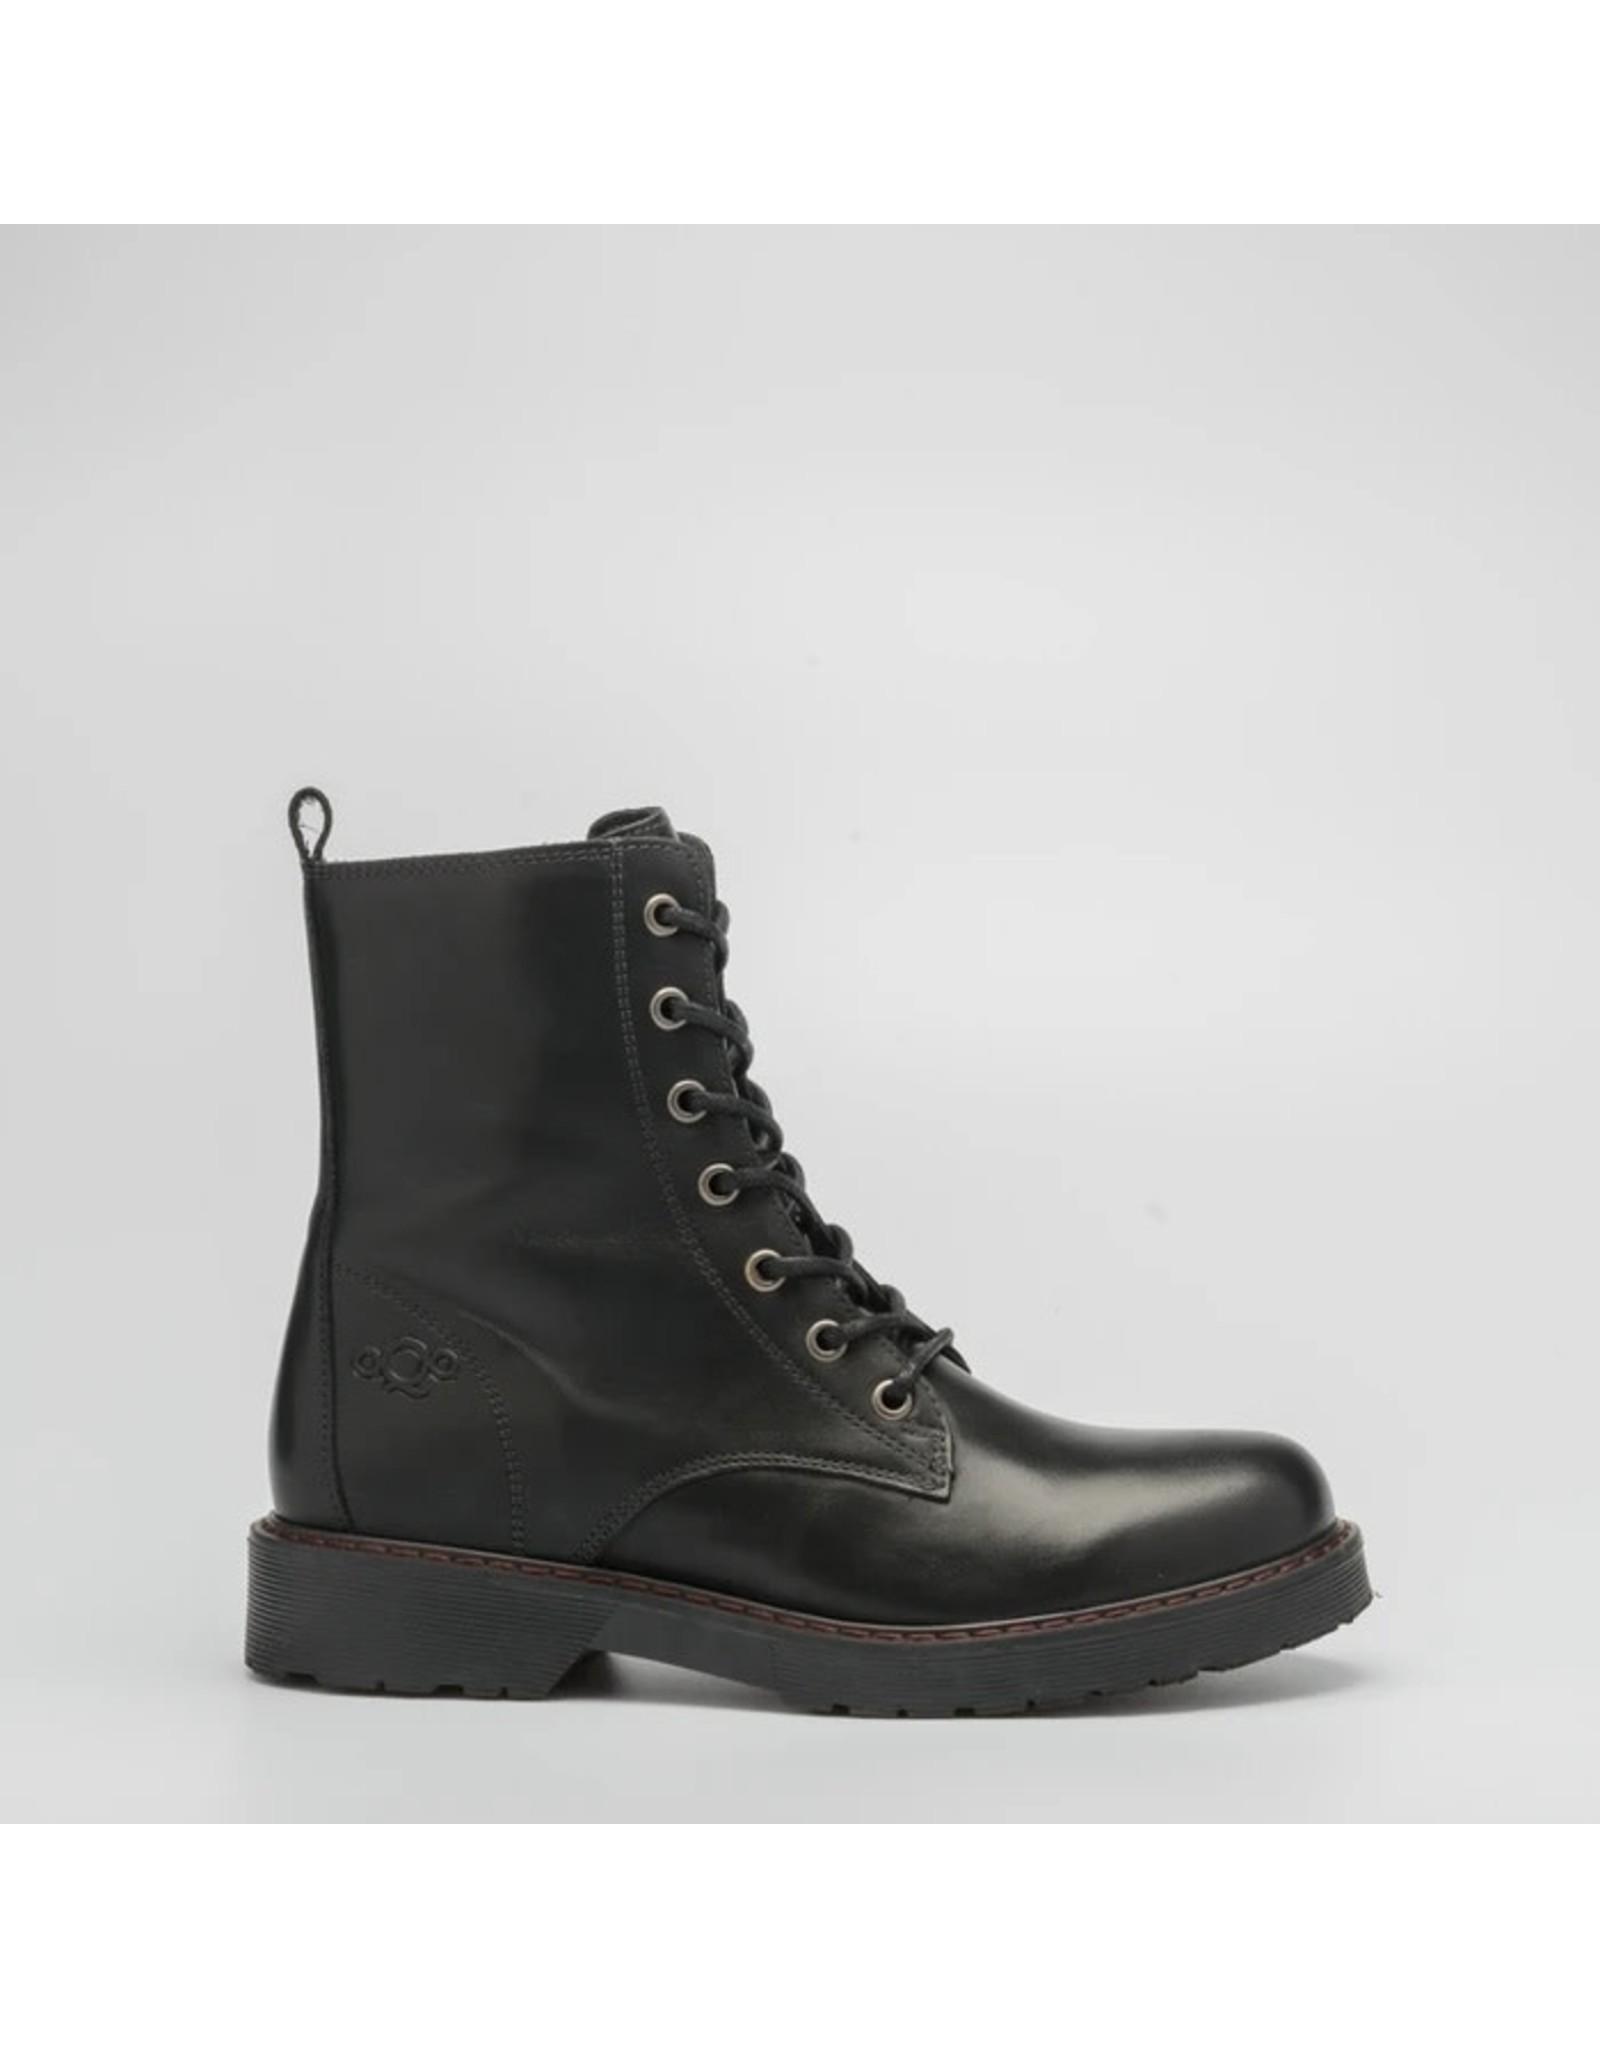 aqa A7900 F20 Ibercrust Black